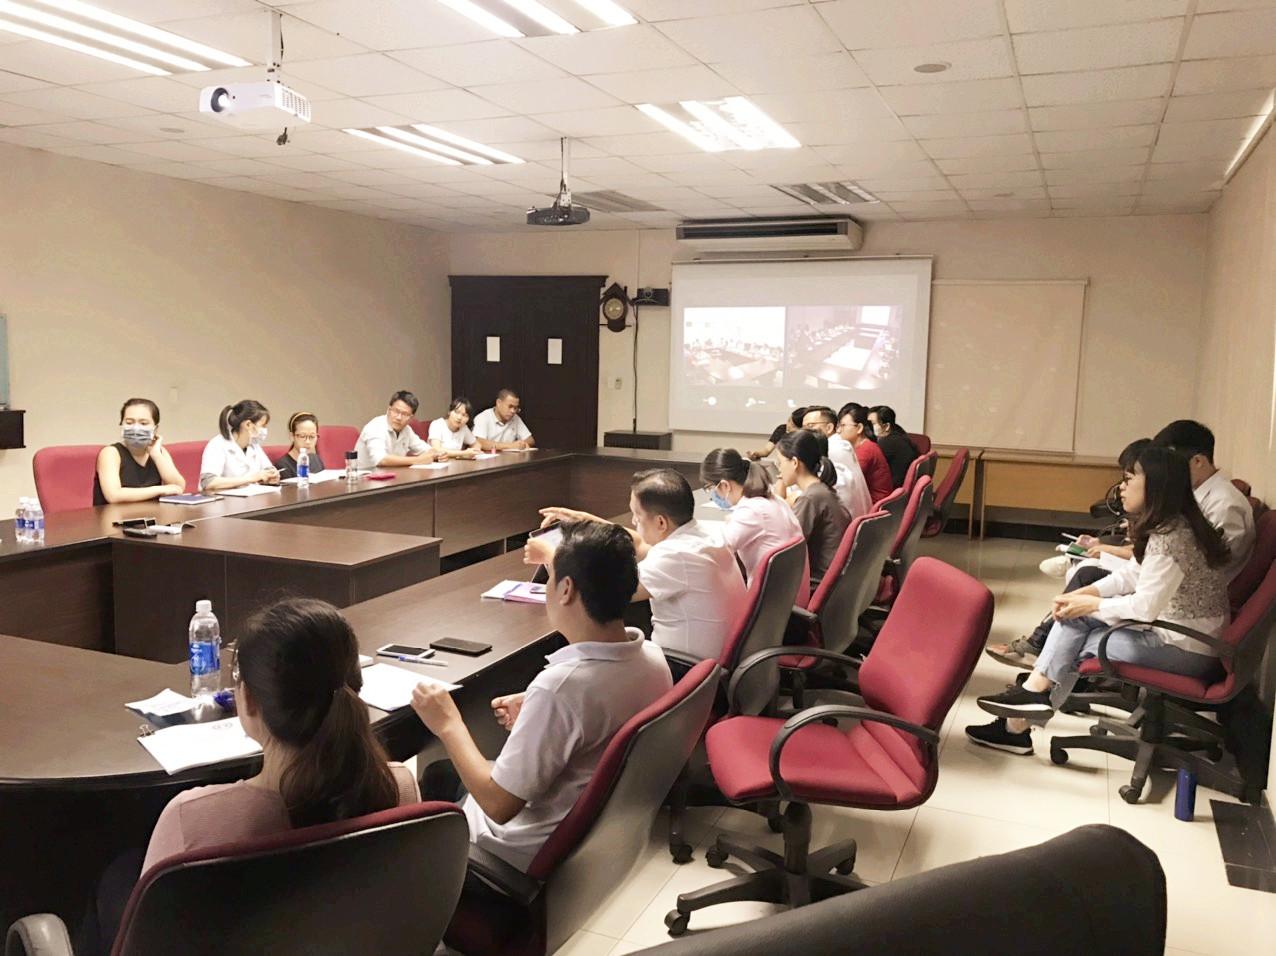 Đào tạo chuyển đổi OHSAS 18001 sang ISO 45001 cho Công ty TNHH Uni-President Việt Nam